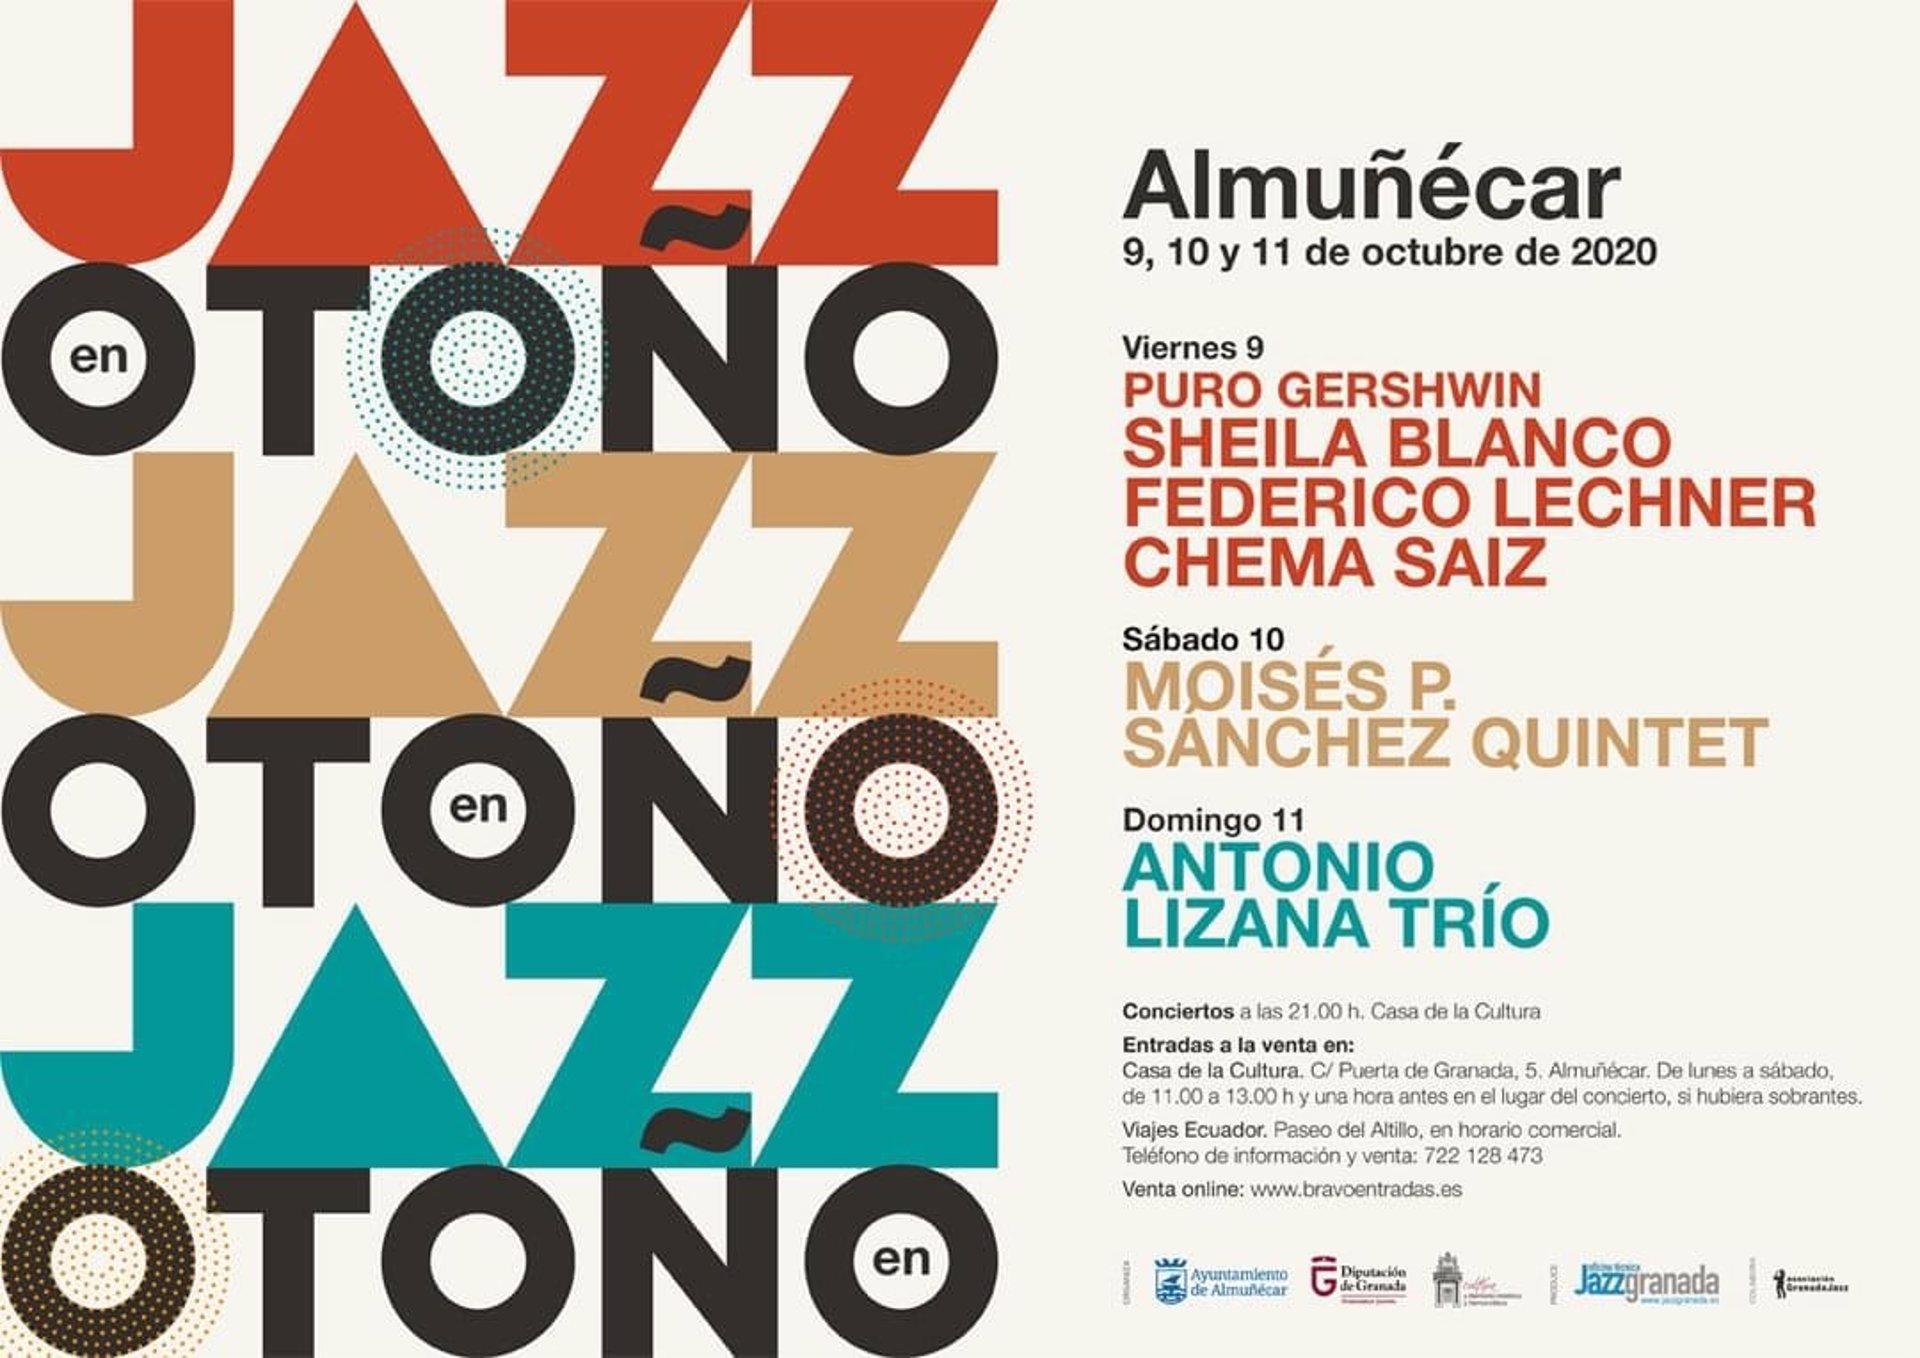 Almuñécar celebrará su Festival de Jazz en Otoño desde el 9 de octubre